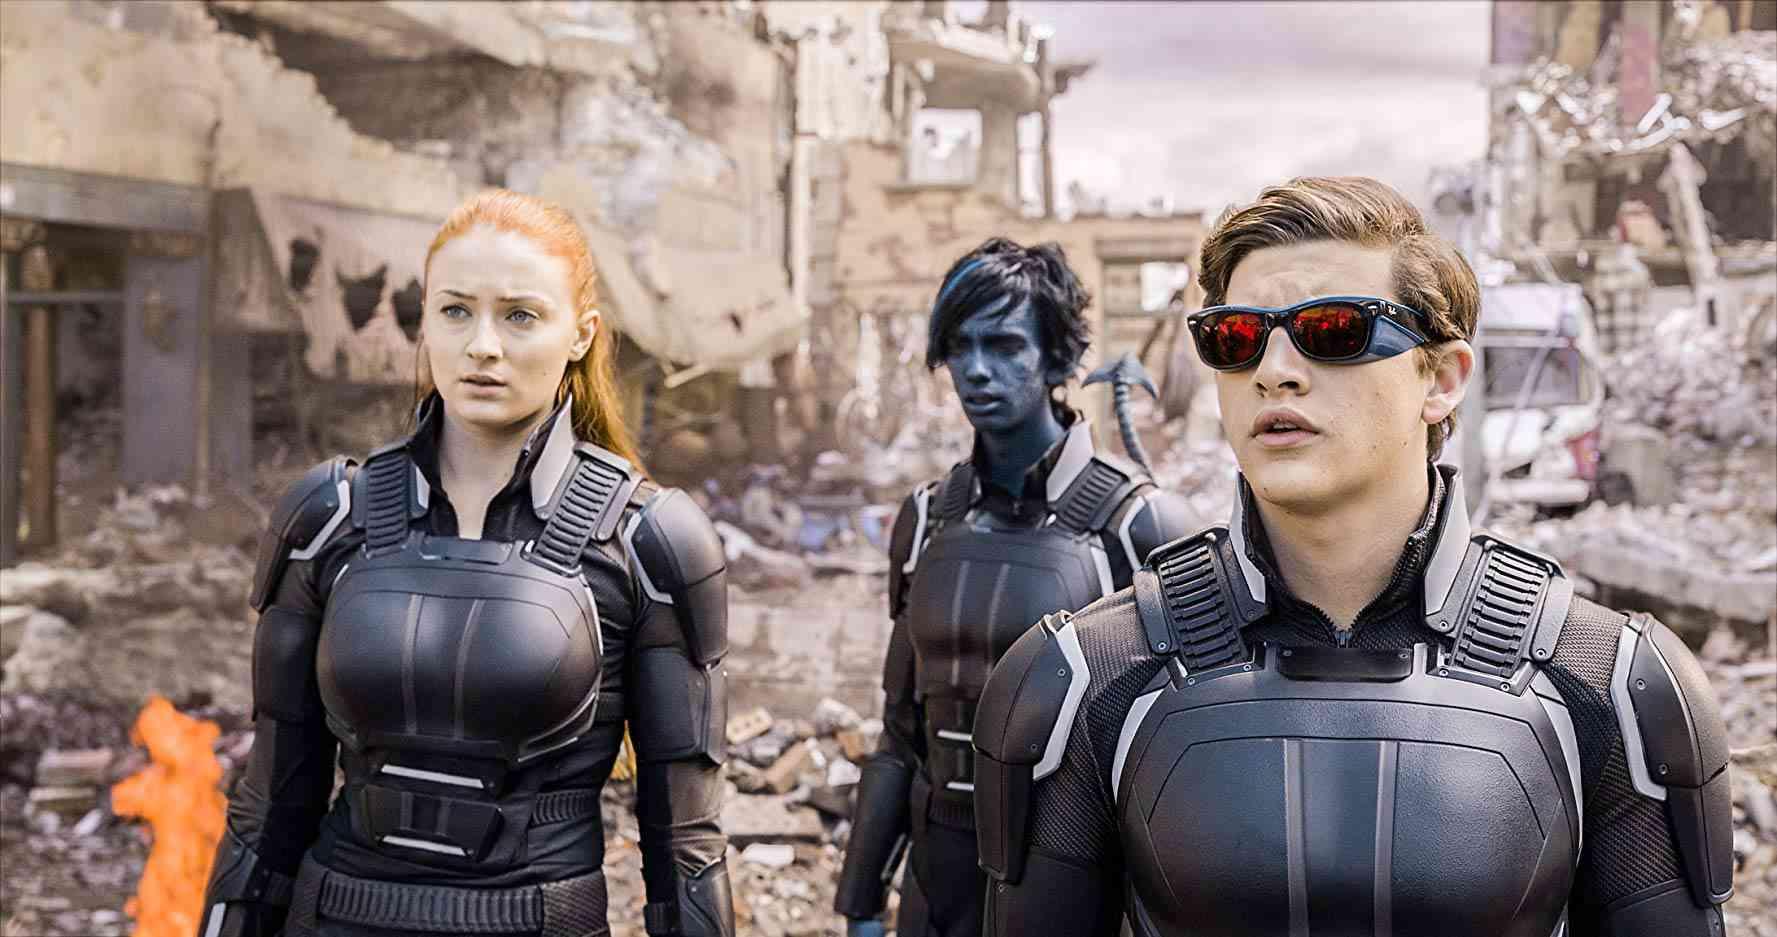 دانلود فیلم مردان ایکس آخرالزمان (X-Men Apocalypse 2016) با دوبله فارسی